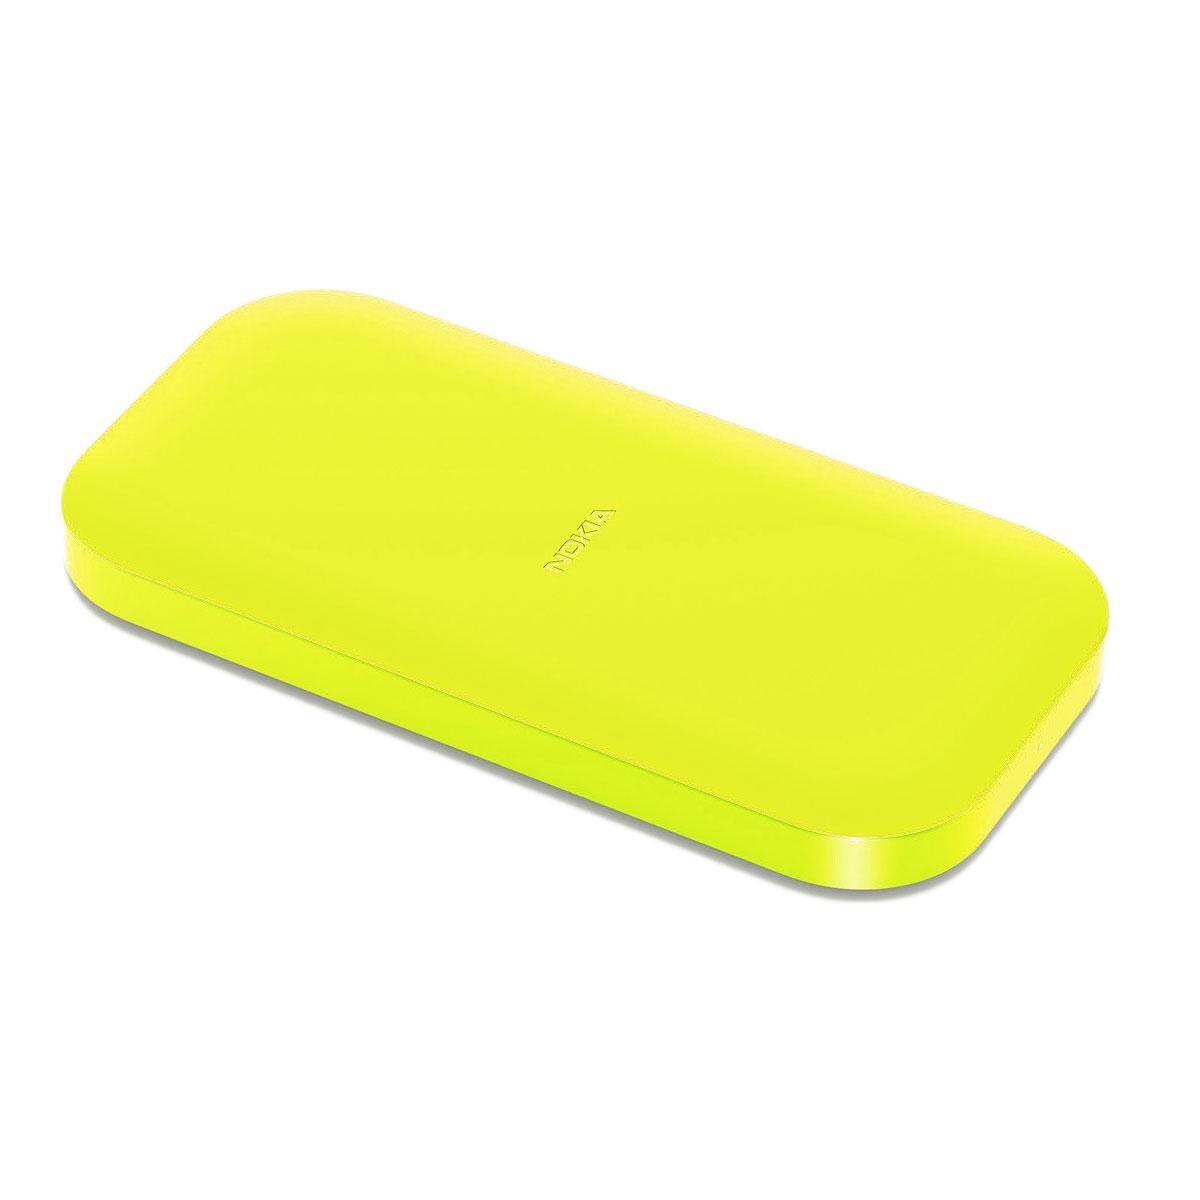 Nokia Socle De Chargement Sans Fil Dc 50 Jaune Chargeur